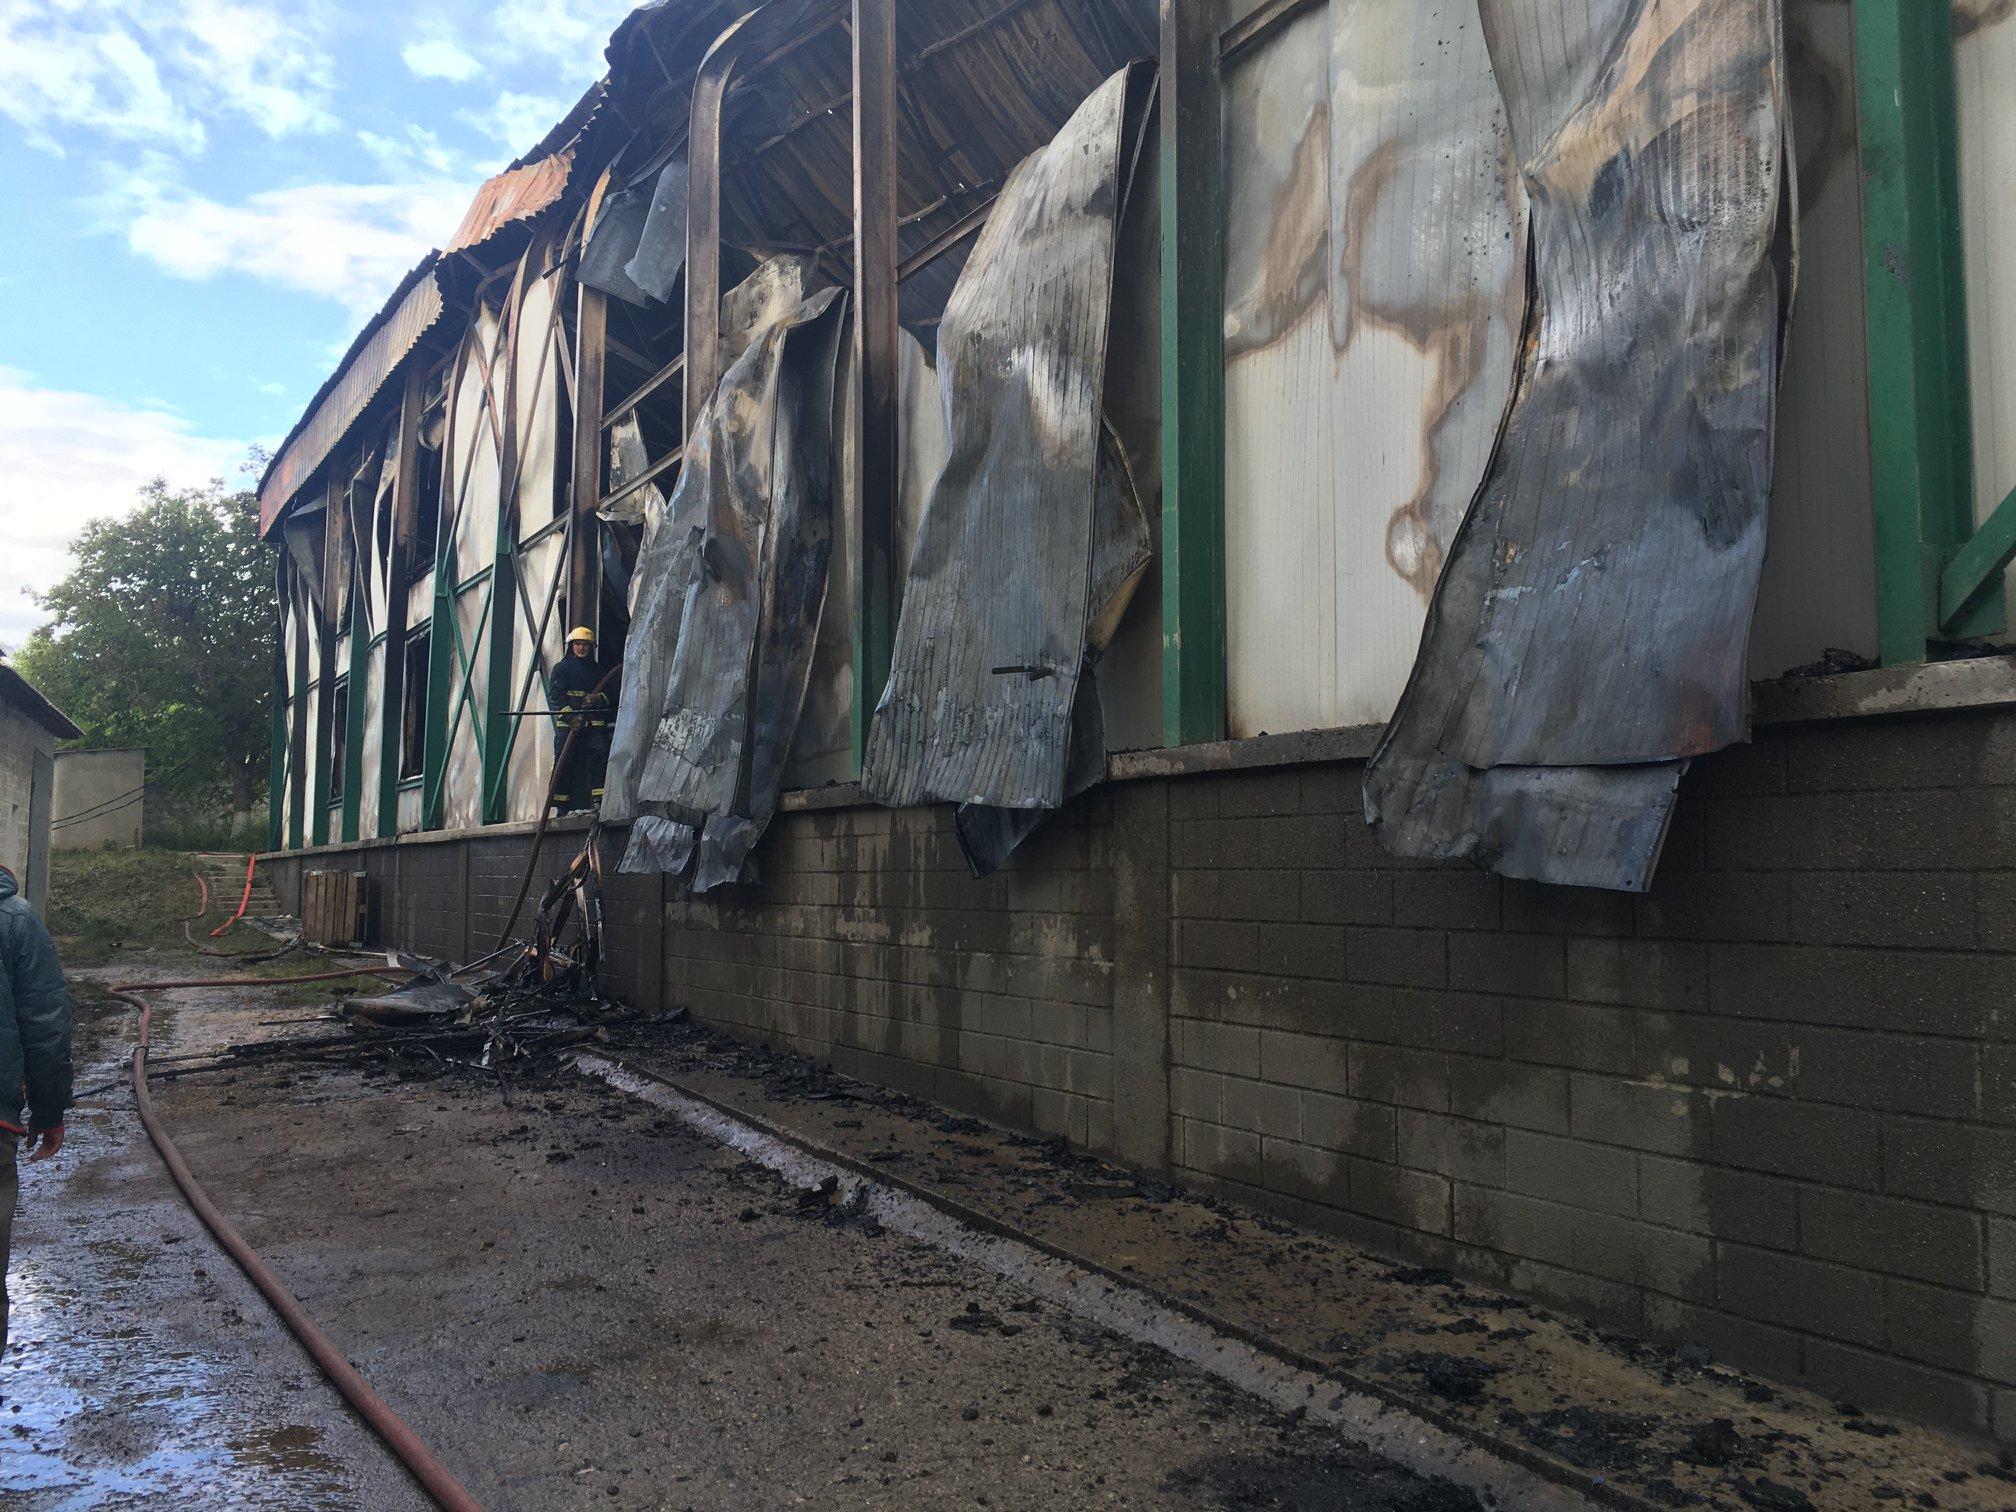 Un incendiu a izbucnit într-o construcție frigorifică din raionul Ocnița. Focul a cuprins o suprafață de aproximativ 3000 de metri pătrați